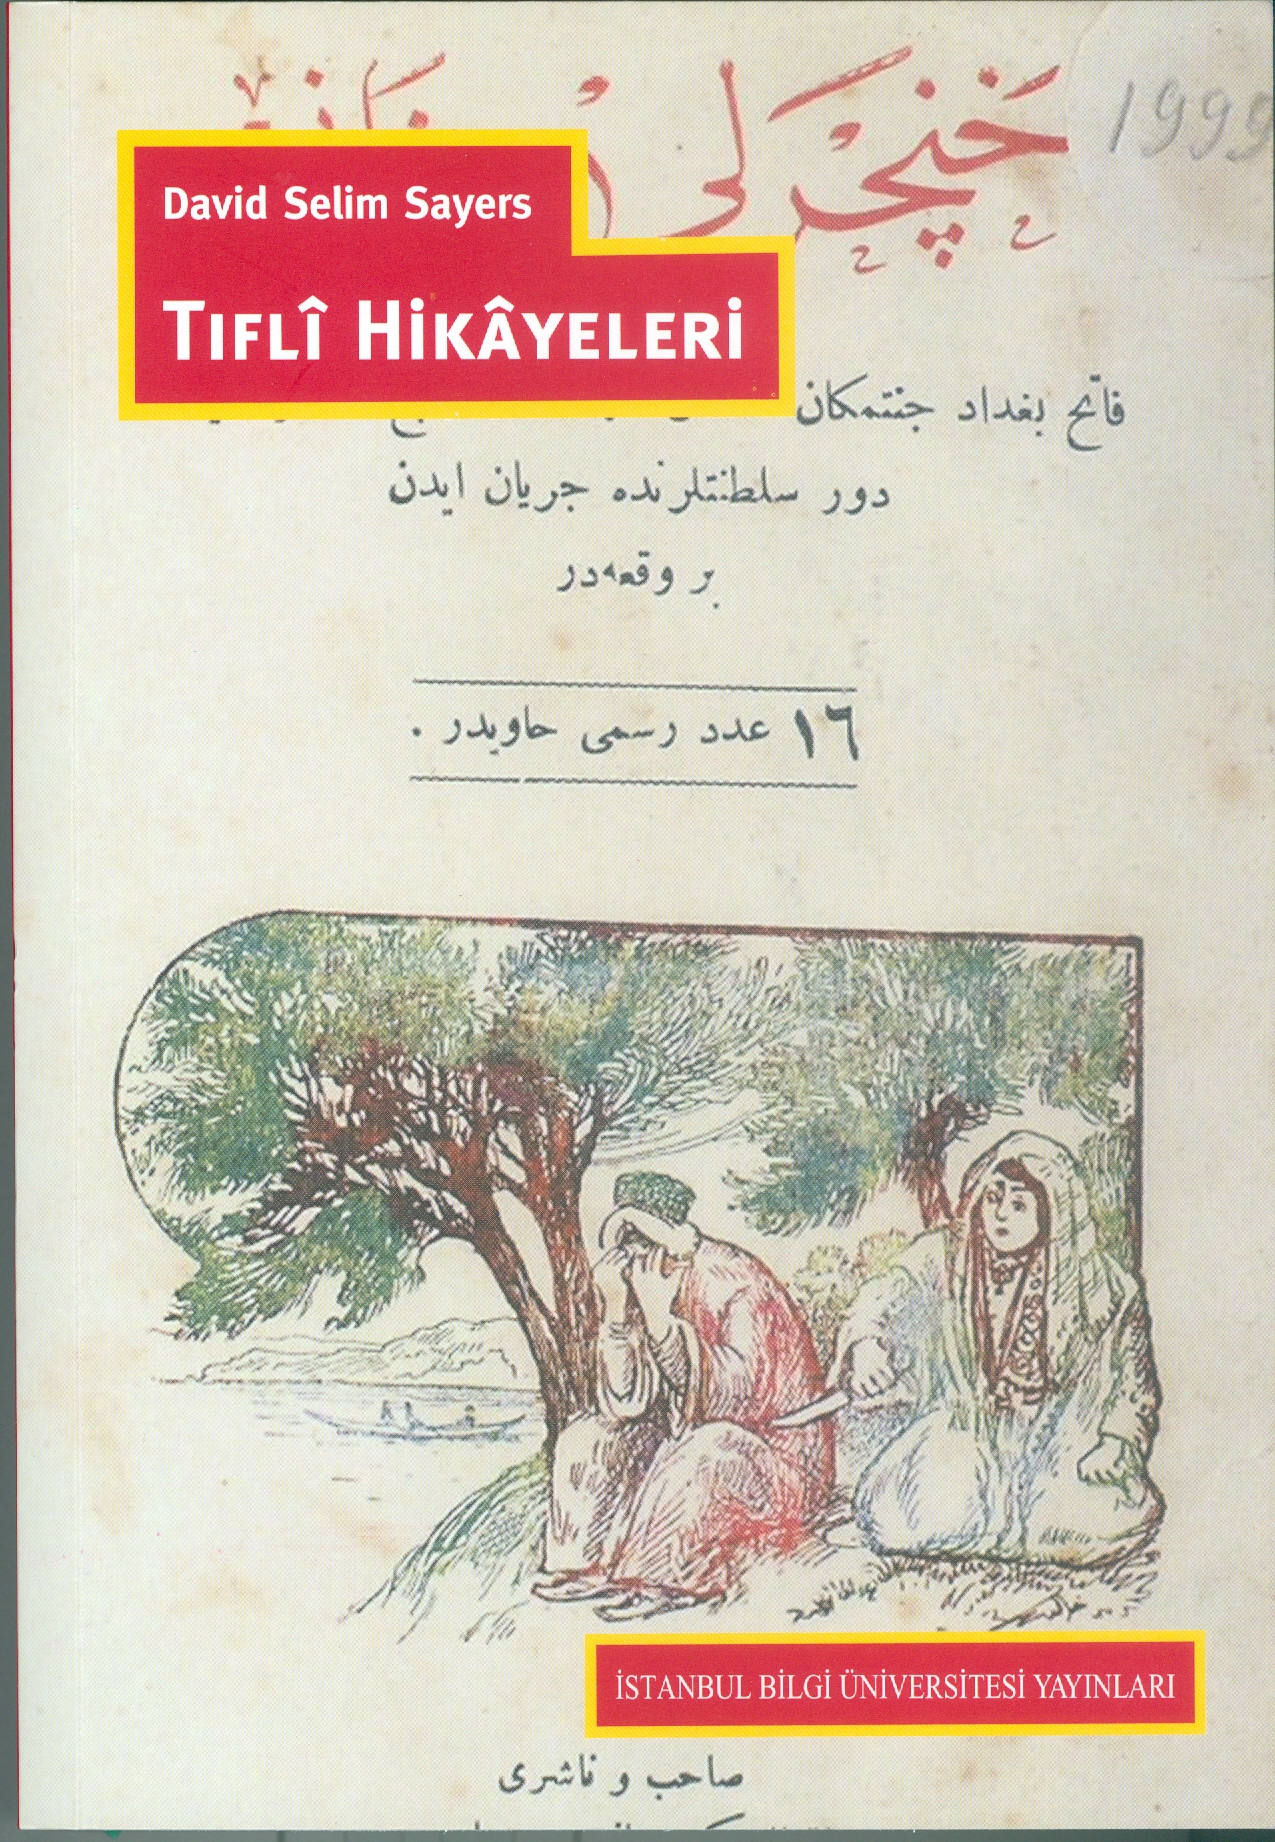 Tıflî-verhalen en brieven: van genres die komen en weer gaan